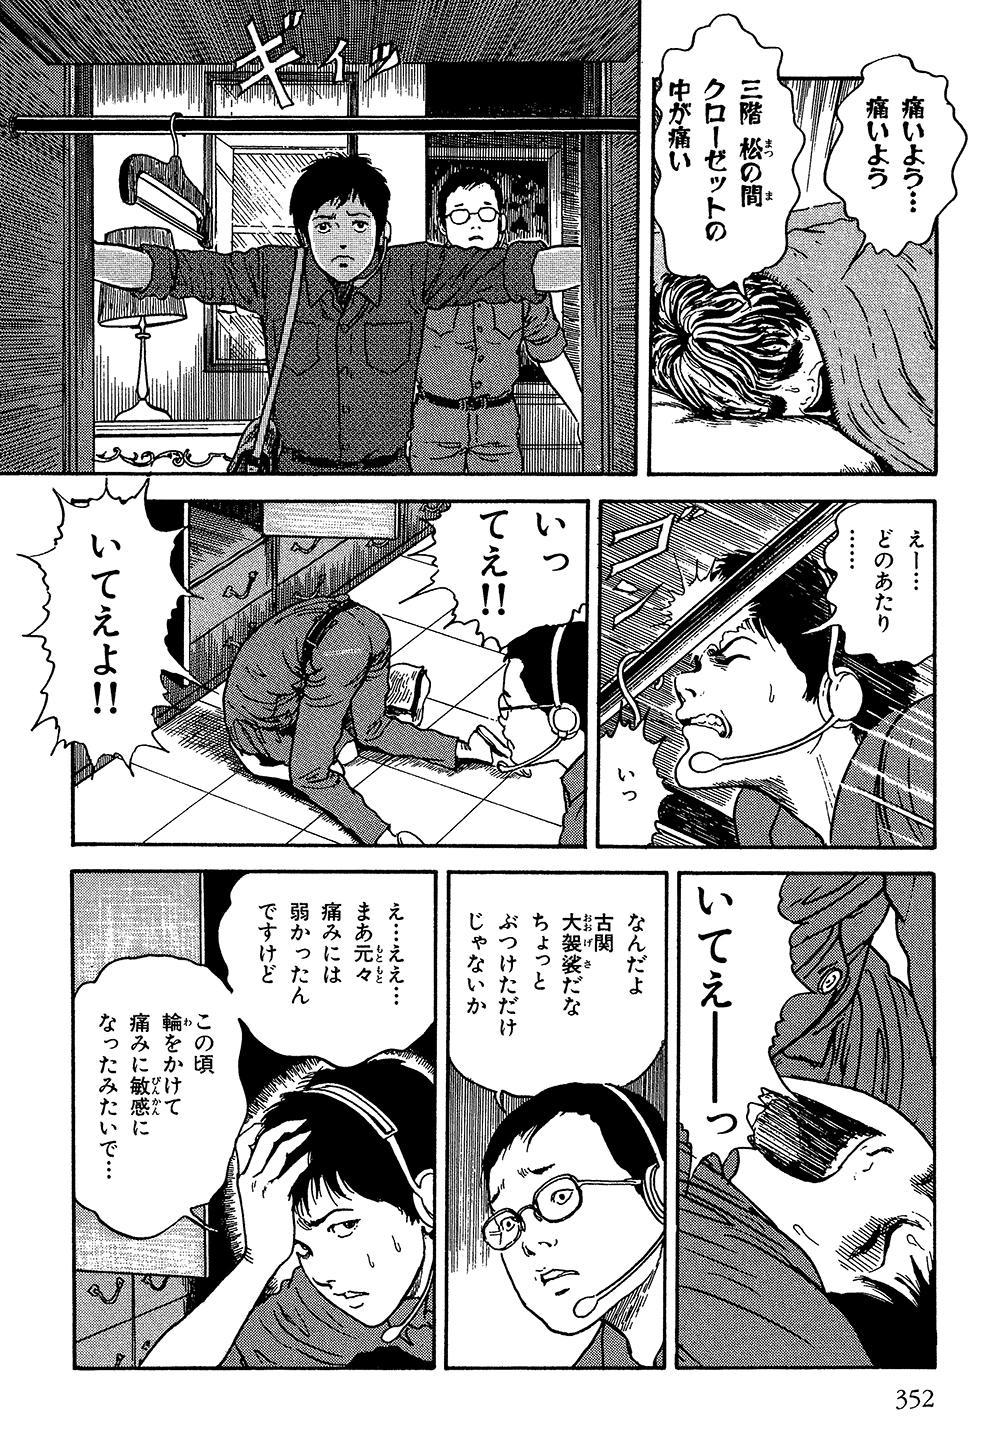 itouj_0004_0354.jpg